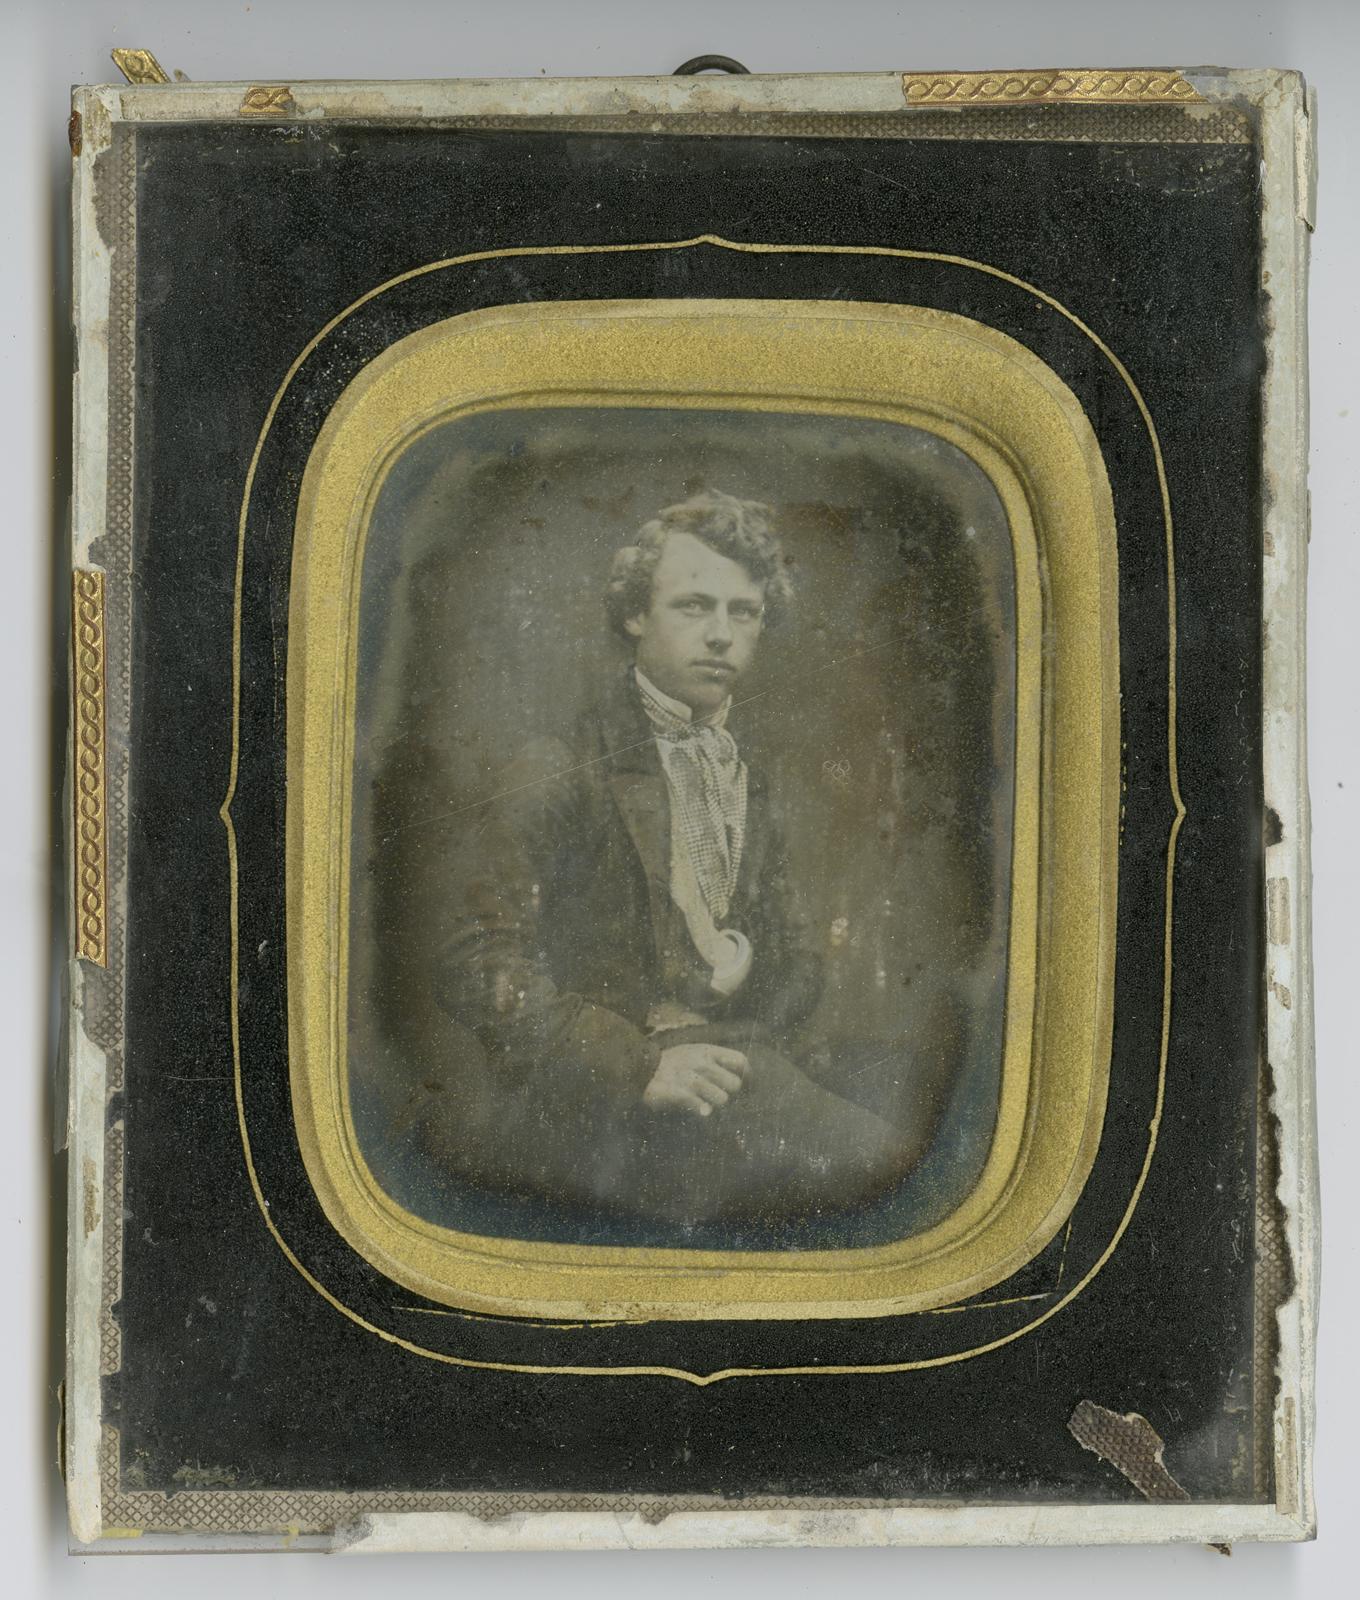 Daguerreotypi, portrett av ung mann. Innrammingens stil og dekor tyder på at bildet kan dateres til 1850-1865. Fotograf ukjent / Borgarsyssel Museum. BRM.11511.